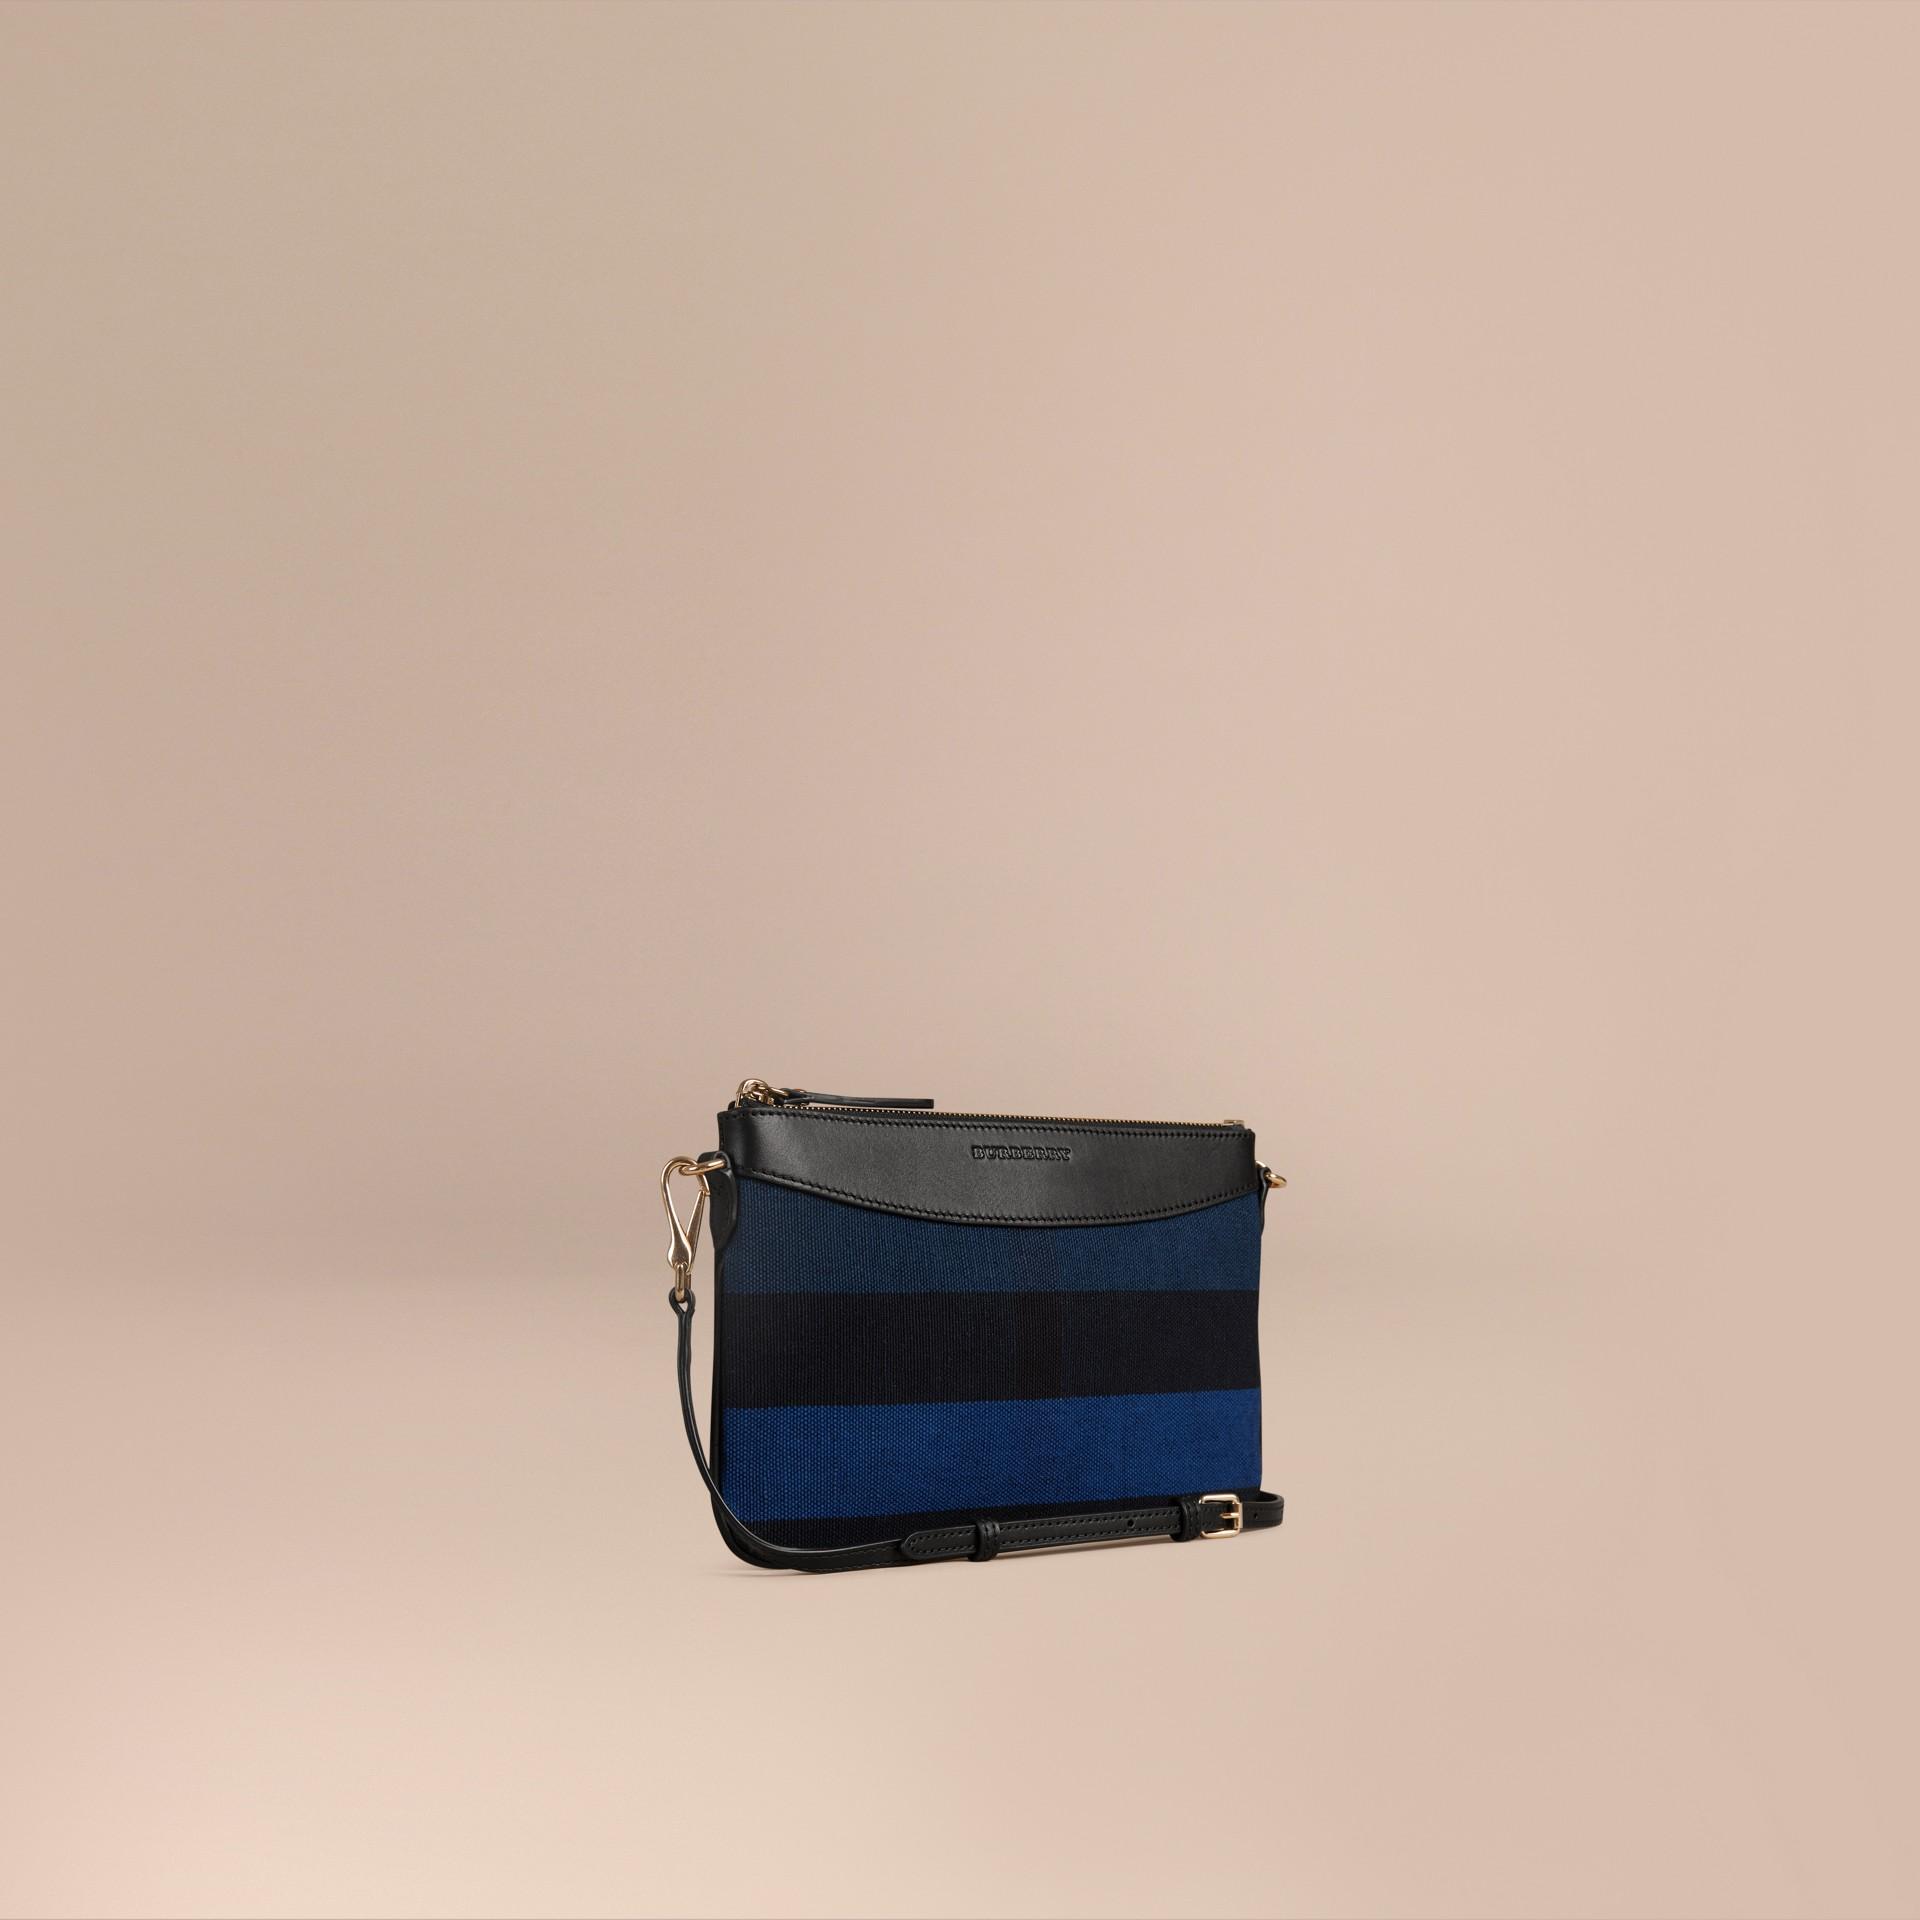 Bleu ultramarine Clutch Canvas check Bleu Ultramarine - photo de la galerie 1